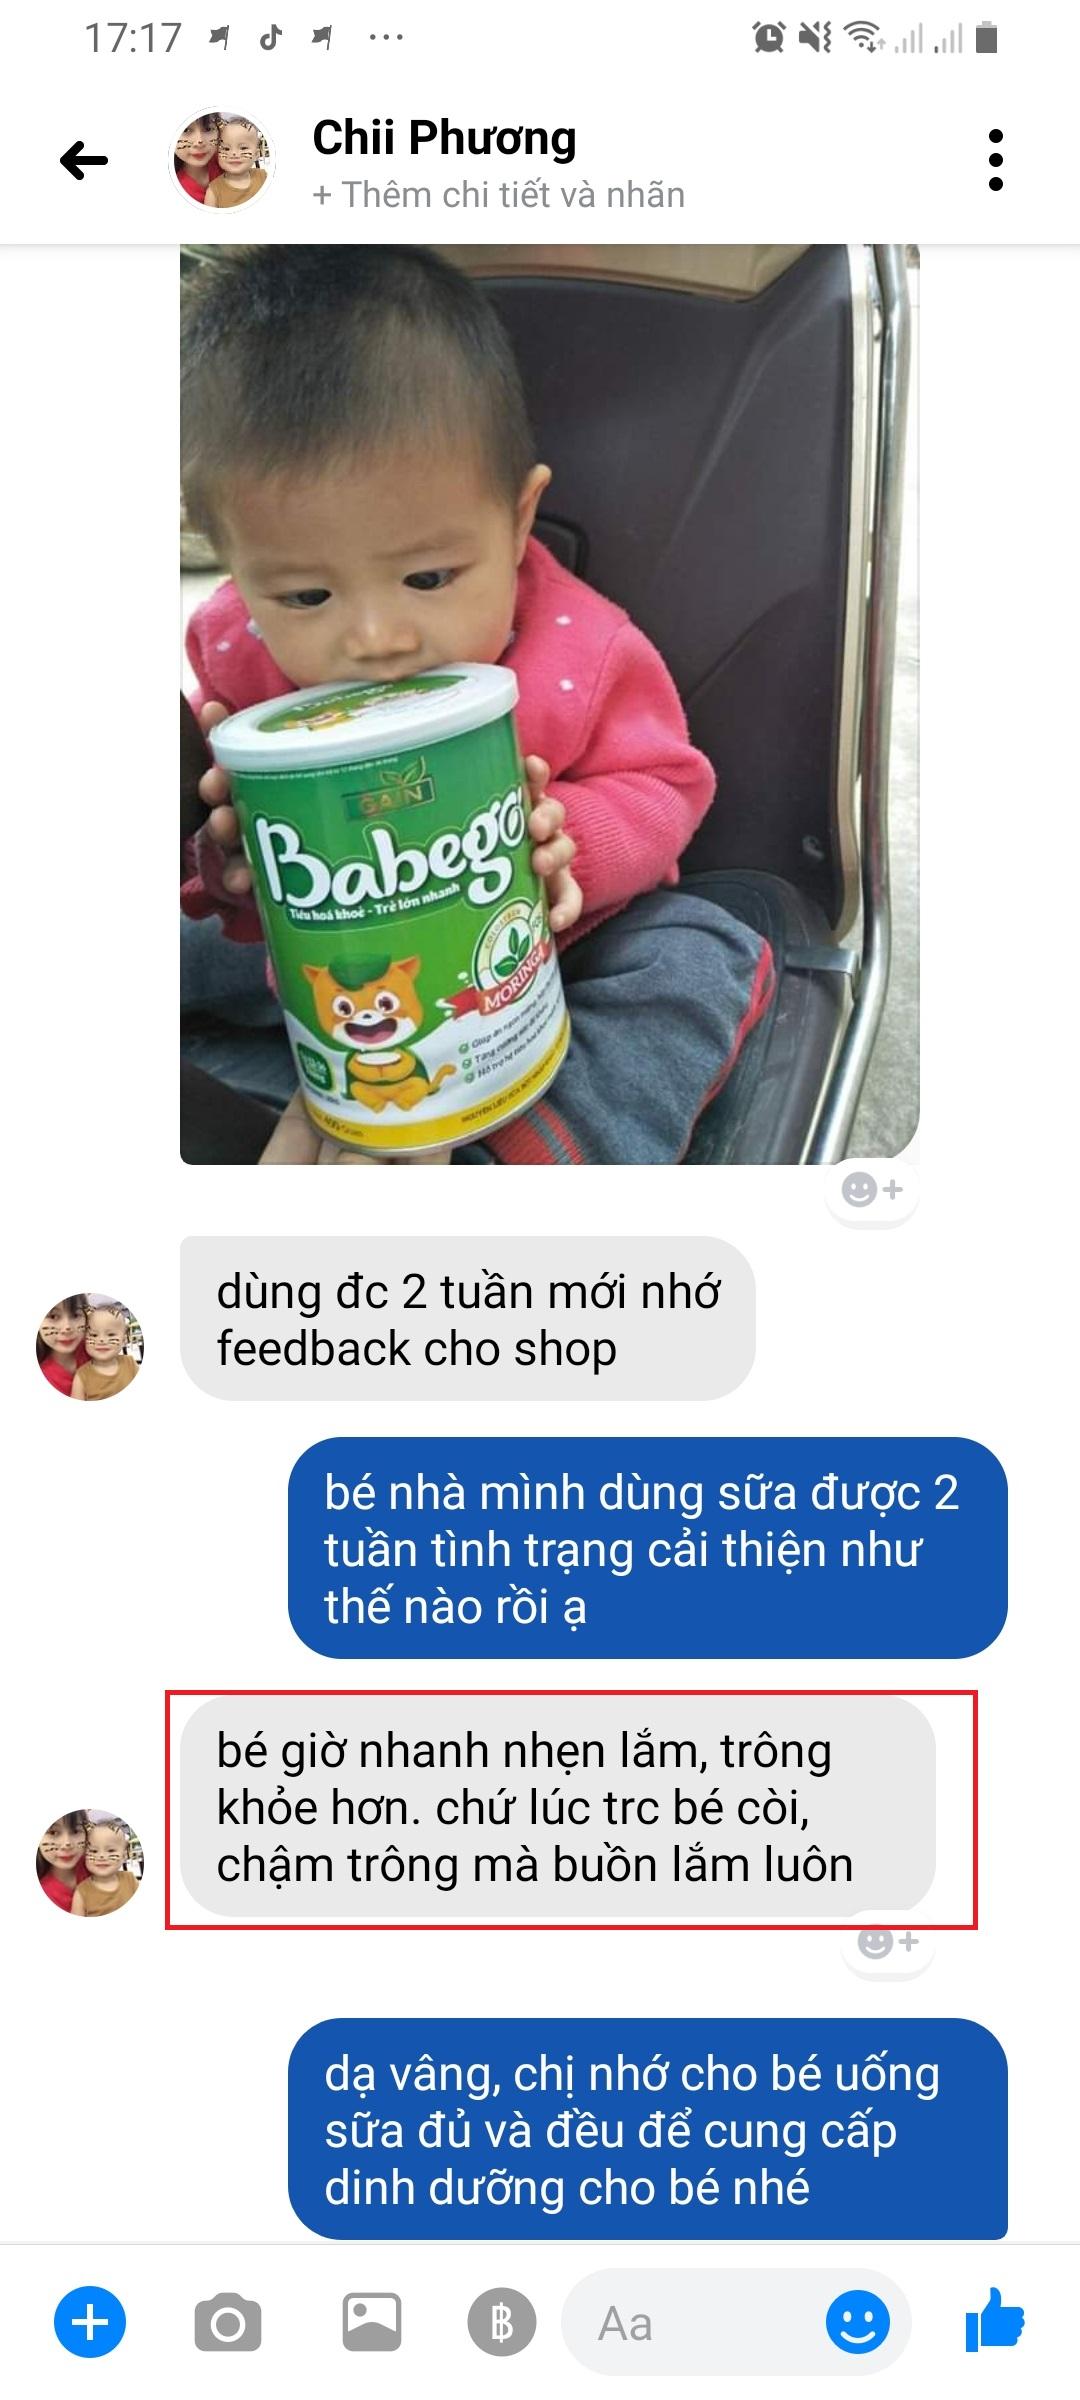 Sữa Babego có tốt không? Giá bao nhiêu? Mua ở đâu?